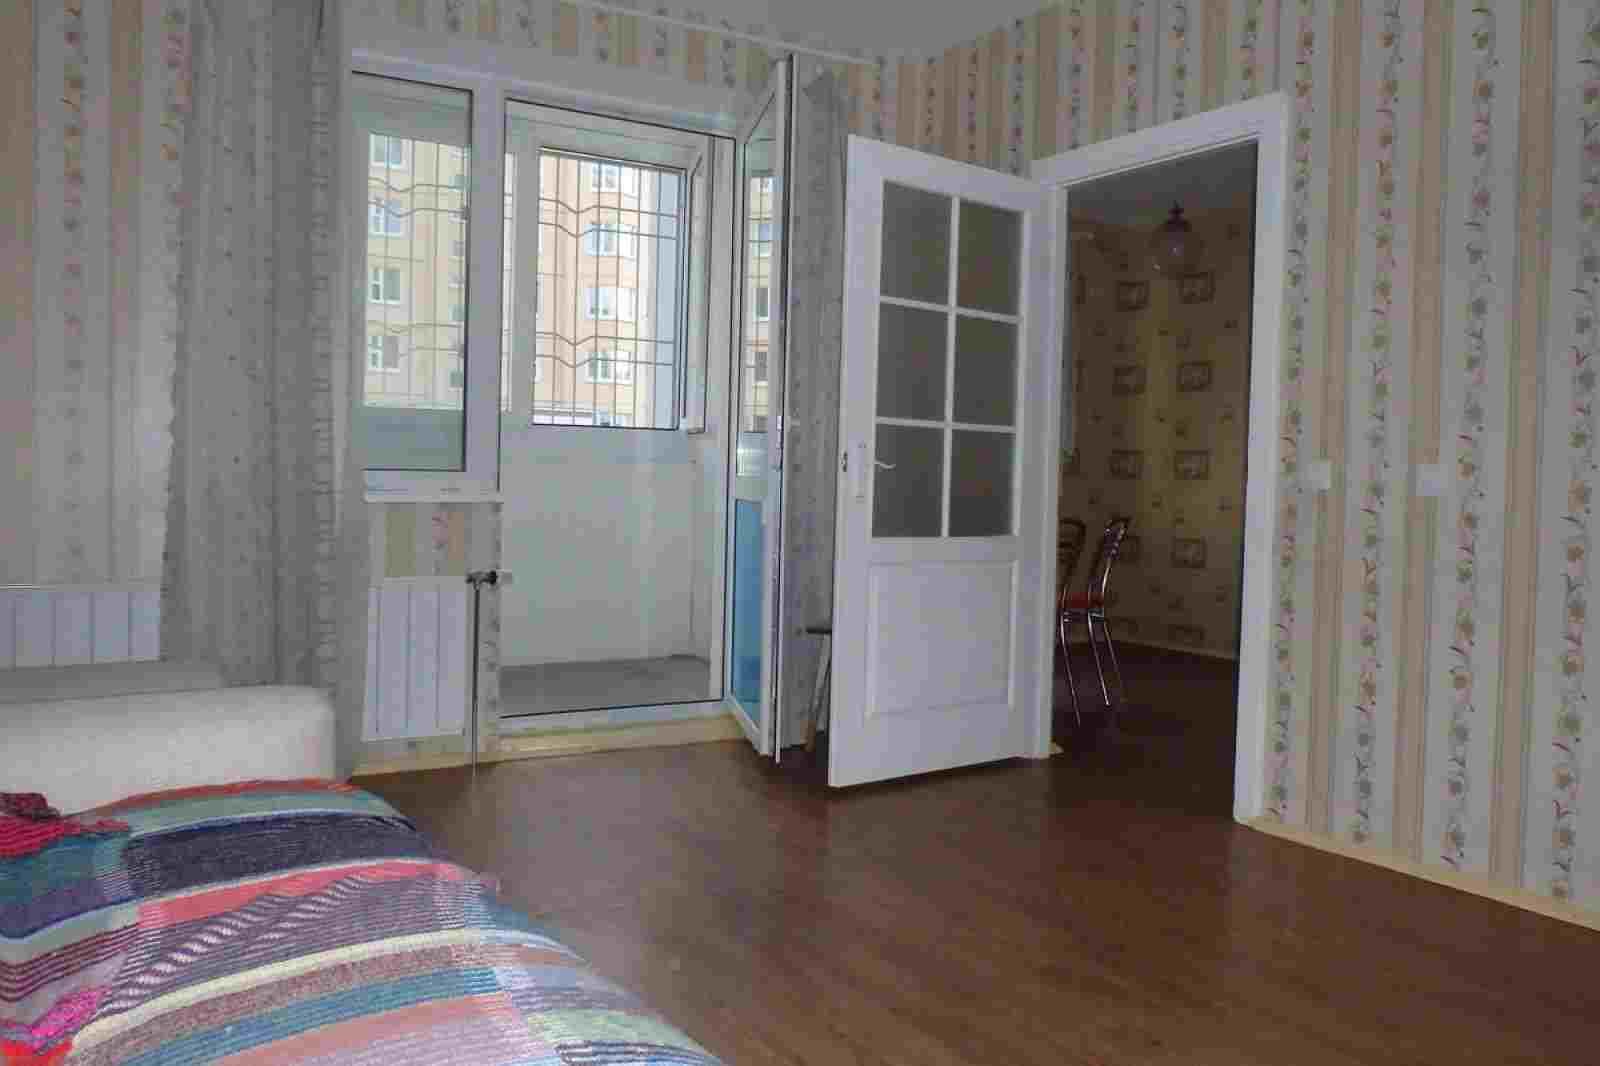 Продается квартира с дополнительным отдельным входом. Возможна рассрочка платежа.. Фото